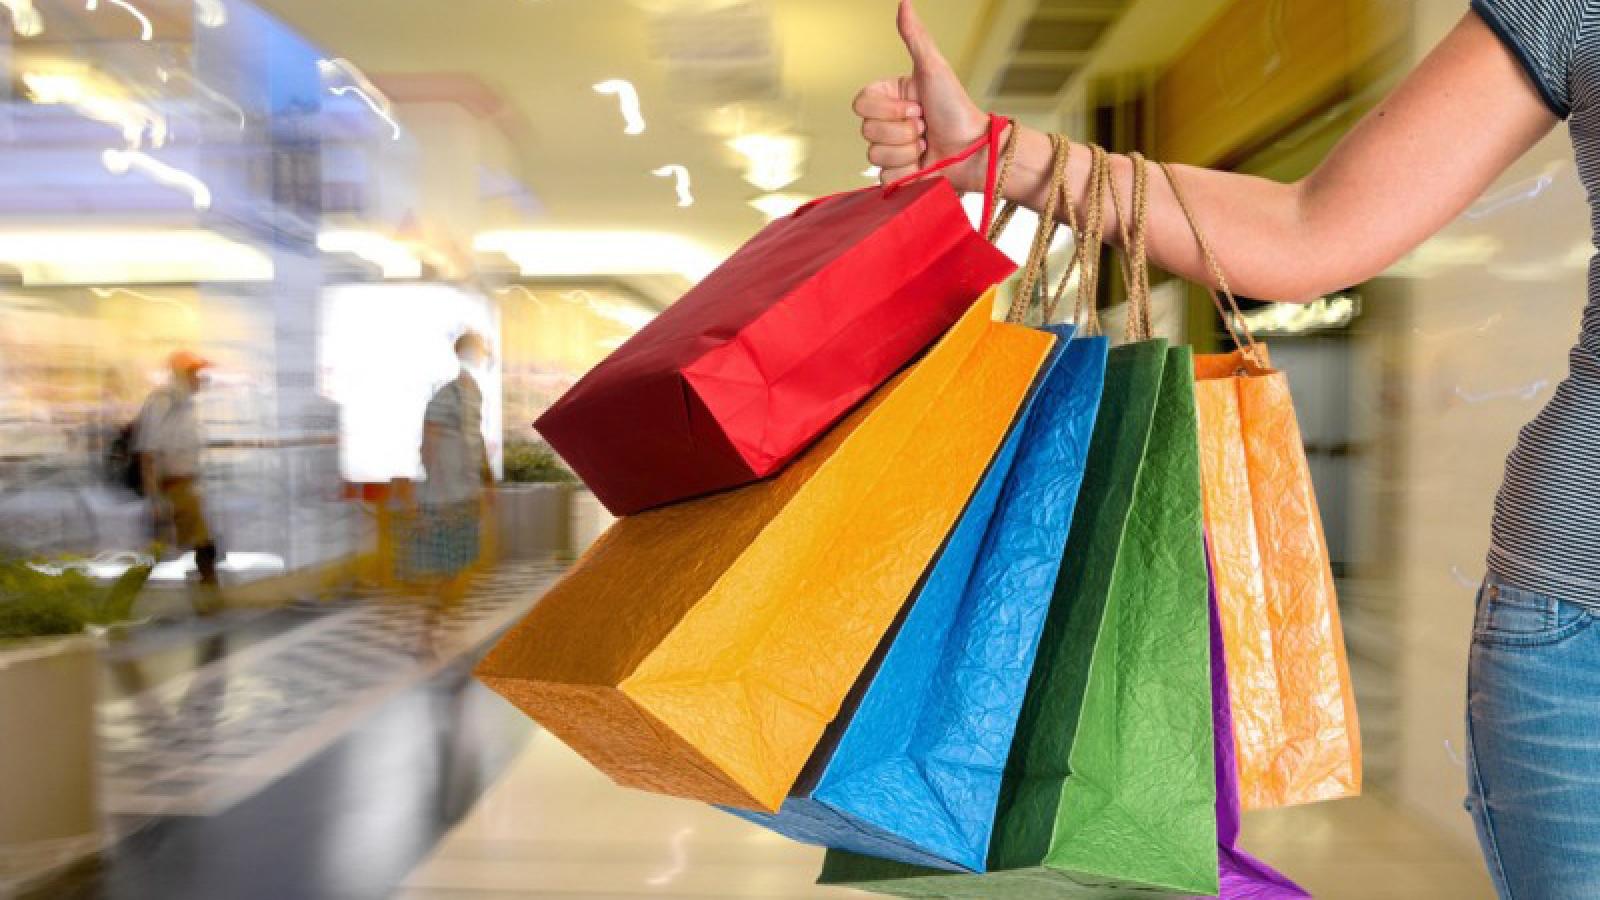 Xử phạt tăng nặng người bán hàng xách tay không có hoá đơn